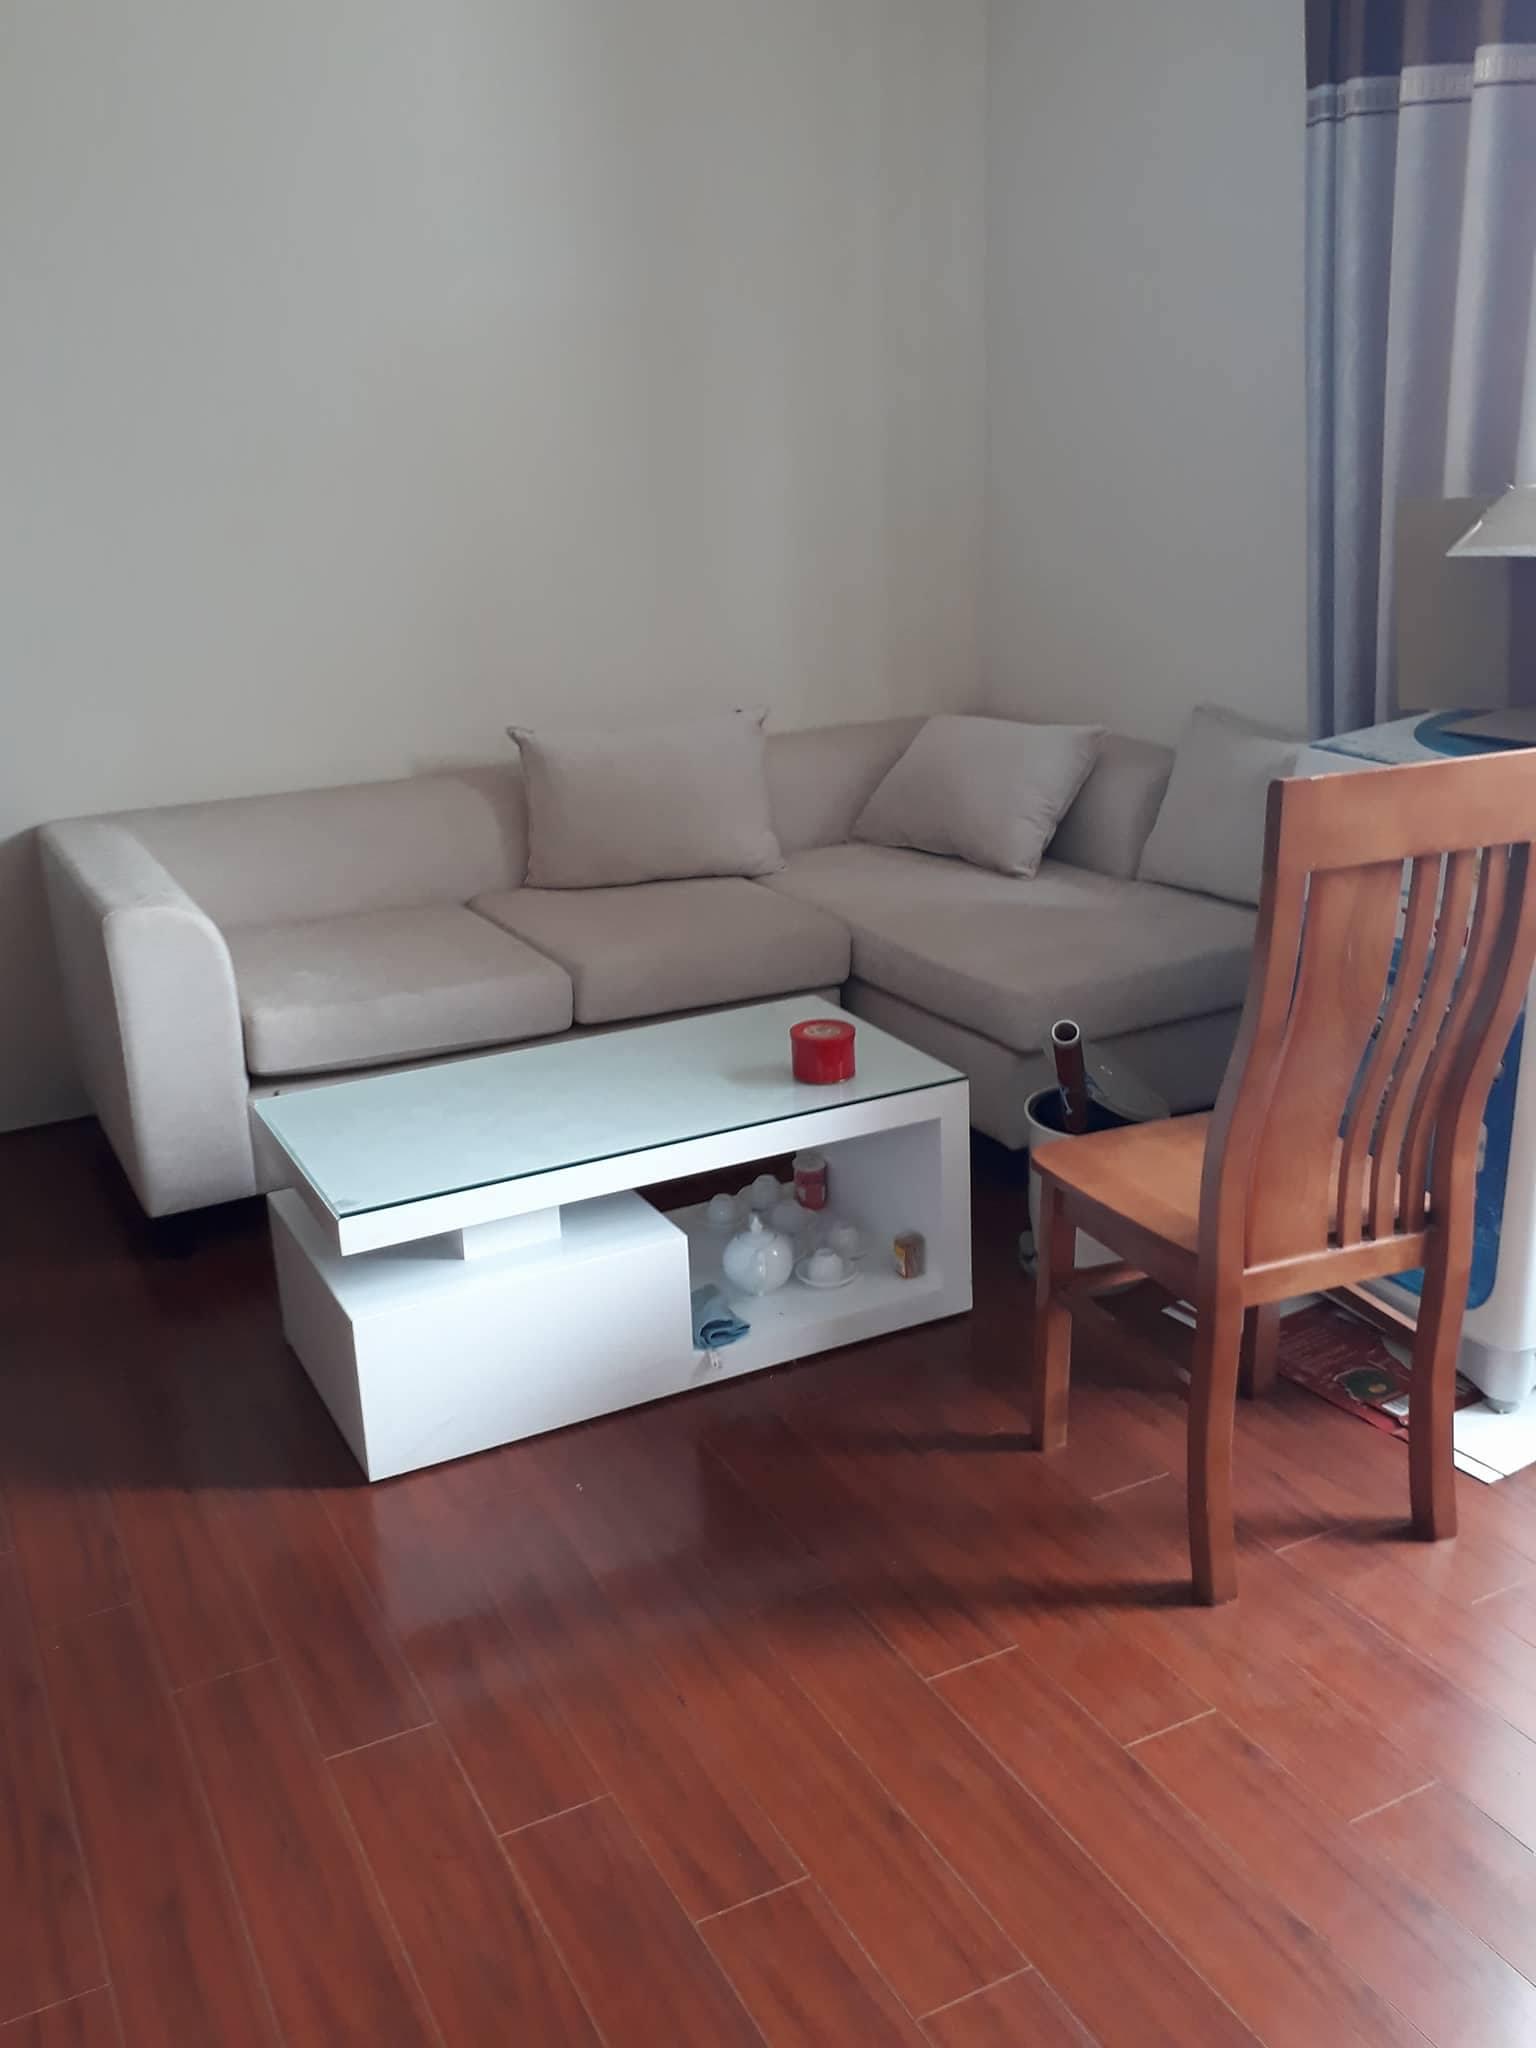 Cho thuê căn hộ gia đình tại khách sạn, đầy đủ tiện nghi giá 10 triệu